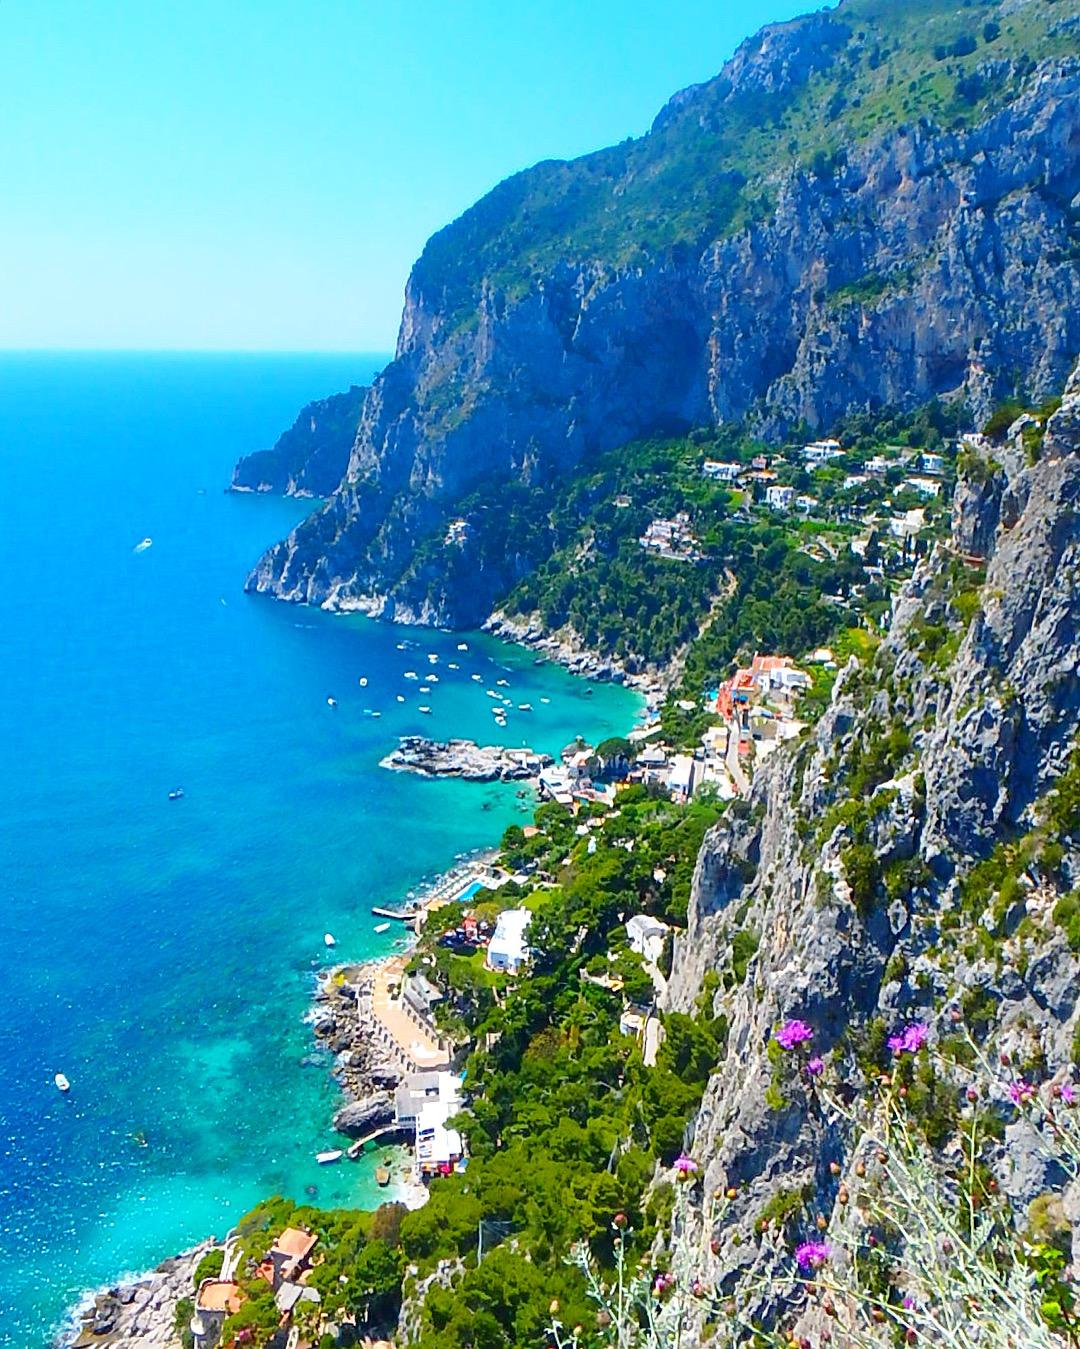 イタリアカプリ島展望台からの絶景は絶対に行くべき